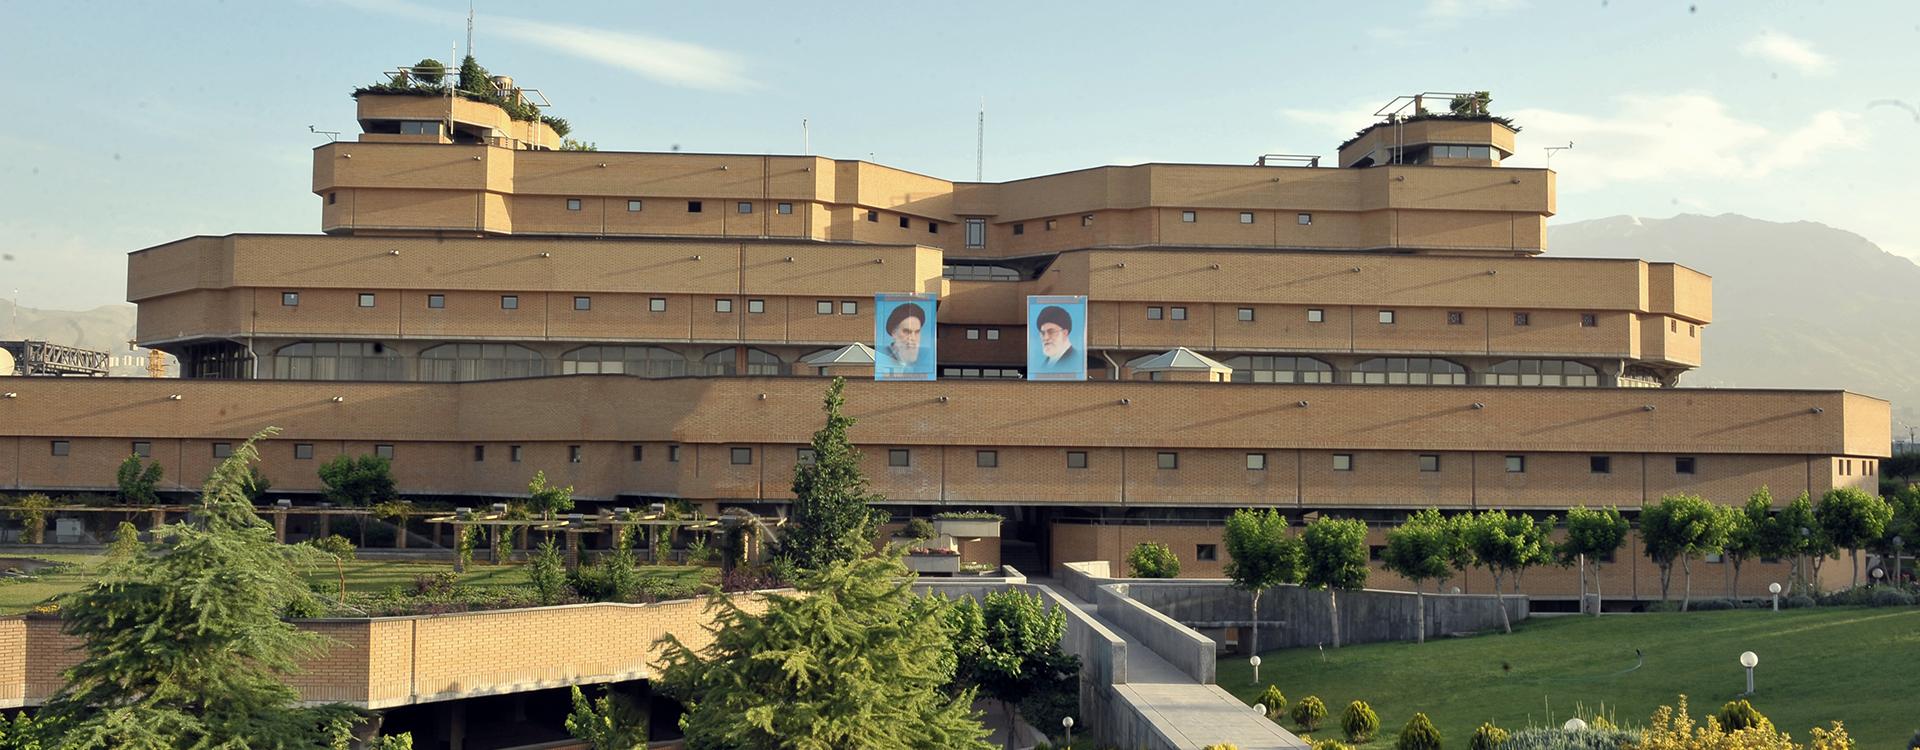 اطلاعیه روابط عمومی کتابخانه ملی ایران درخصوص شایعه آبگرفتگی اسناد